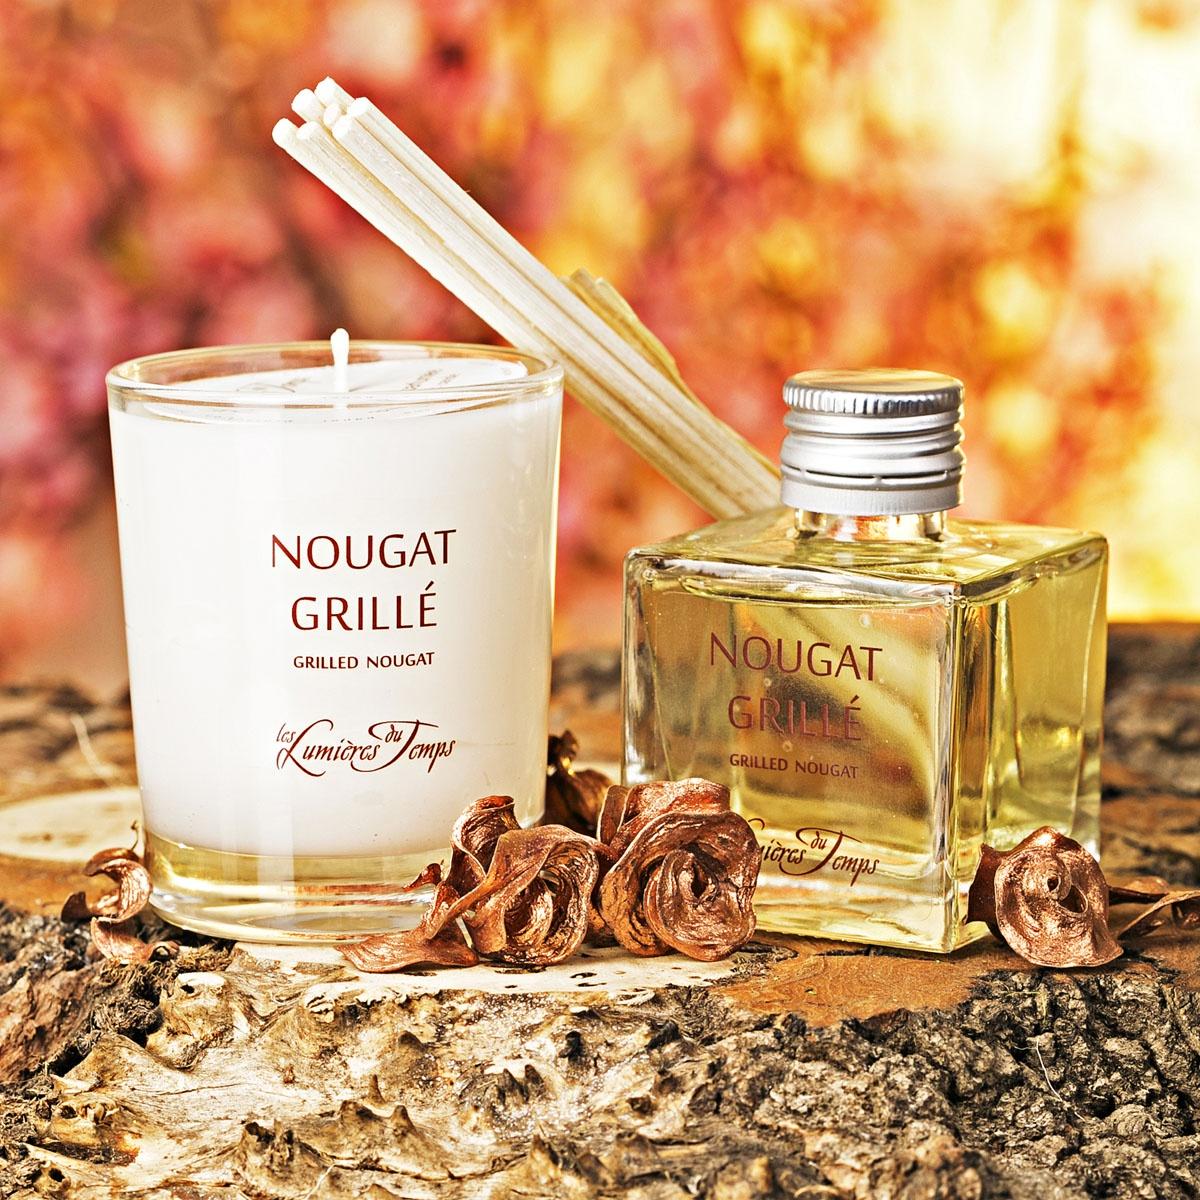 Подарочный набор Les Lumieres du Temps Нуга: аромадиффузор, 50 мл + ароматическая восковая свеча, 90 г + тростниковые палочкиCOF1 NGNOUGAT GRILLE / НУГА (миндаль — шоколад — мёд) Вкуснейший аромат, который открывается нотками миндального ореха, обладает шоколадным сердцем и завершается жжёным сахаром и мёдом.Побалуйте себя сладким! Нуга – пленяющий аромат, приправленный ноткой жженого сахара, аромат, которому отдают предпочтение любители сладостей. Крепость миндального ореха отдается в объятия молочного шоколада, а тонкий аромат натурального меда придает изюминку и завершает сладостный дуэт. Интенсивности Ваших сладостей, Вы можете регулировать количеством тростниковых палочек – чем их больше, тем и слаще Вам!В подарочный набор входят: аромадиффузор (50 мл), ароматическая восковая свеча (90 гр), тростниковые палочки, деревянная коробочка, декоративные наполнители.Во главу всего фабрика LUMIERE ставит ремесленное ручное производство, использование первичных материалов исключительно высшего качества(растительный воск, эссенции из Грааса, фитили из хлопка, БЕЗСПИРТОВЫЕ диффузоры).Ассортимент ароматов насчитывает более 60 уникальных вариантов!Благодаря воску натурального происхождения, свечи при горении не дымят и не оставляют копоть.